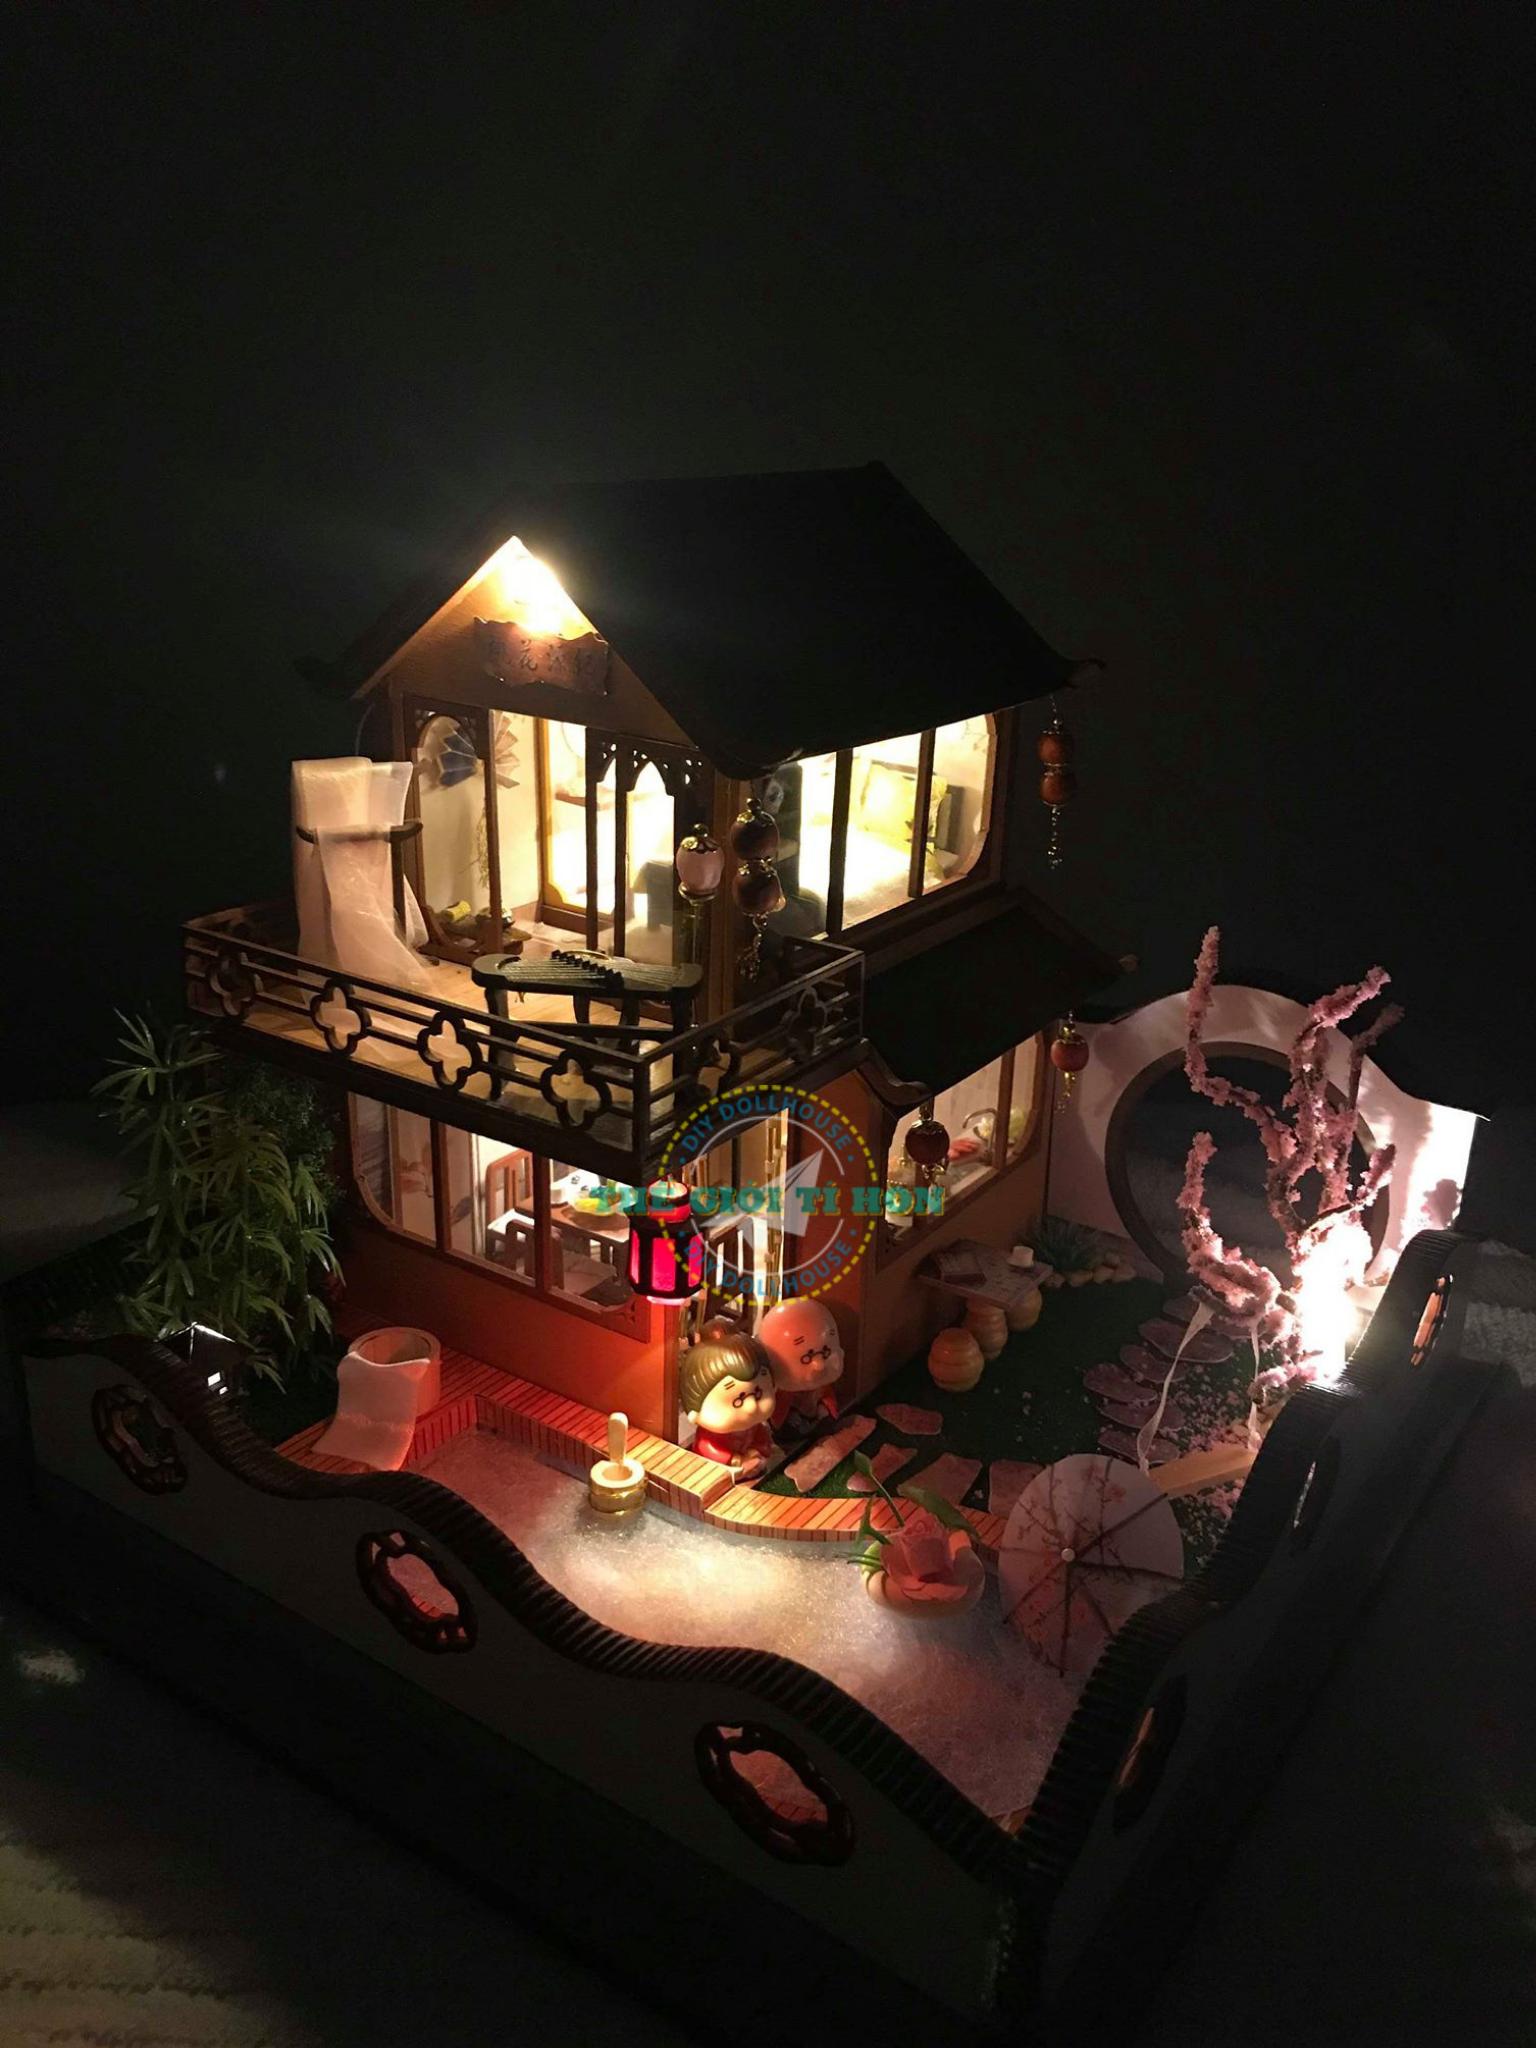 Nhà Đồ Chơi Gỗ To Sang Chảnh Handmade Của Chị Trân